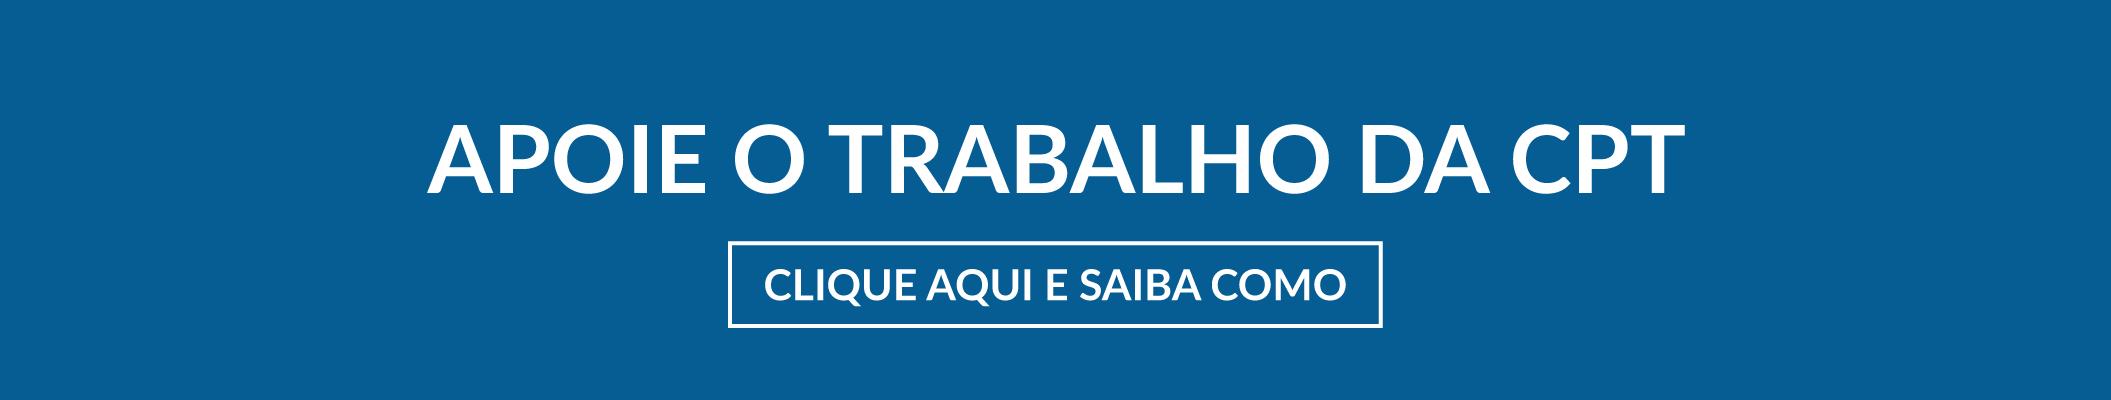 Comissão Pastoral da Terra - NOTA PÚBLICA - O povo não cabe no orçamento do governo provisório